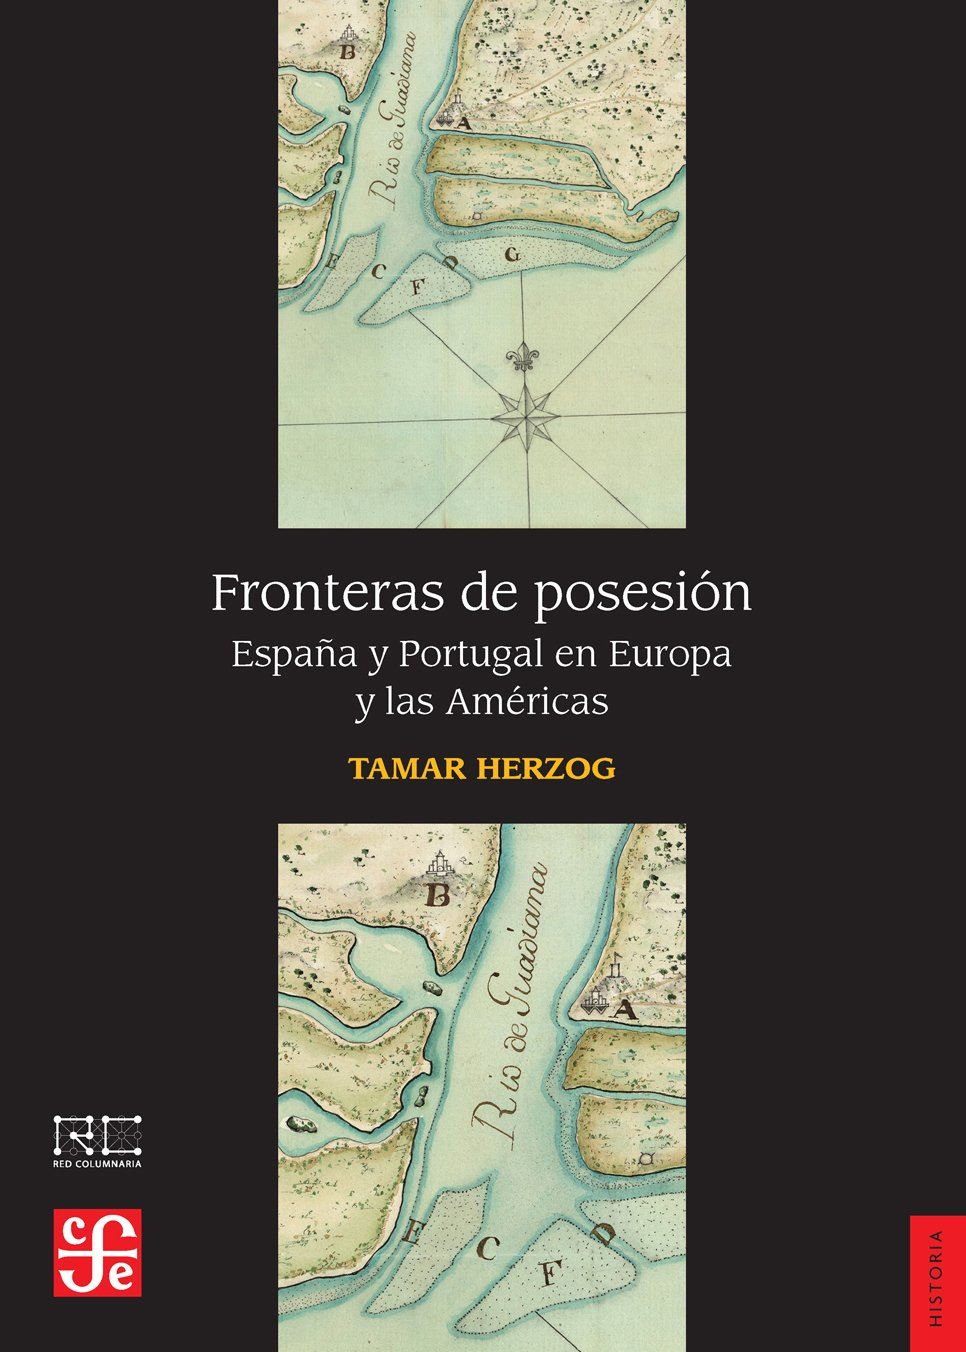 Fronteras de posesión. España y Portugal en Europa y las Américas Historia: Amazon.es: Herzog, Tamar, Herzog, Tamar: Libros